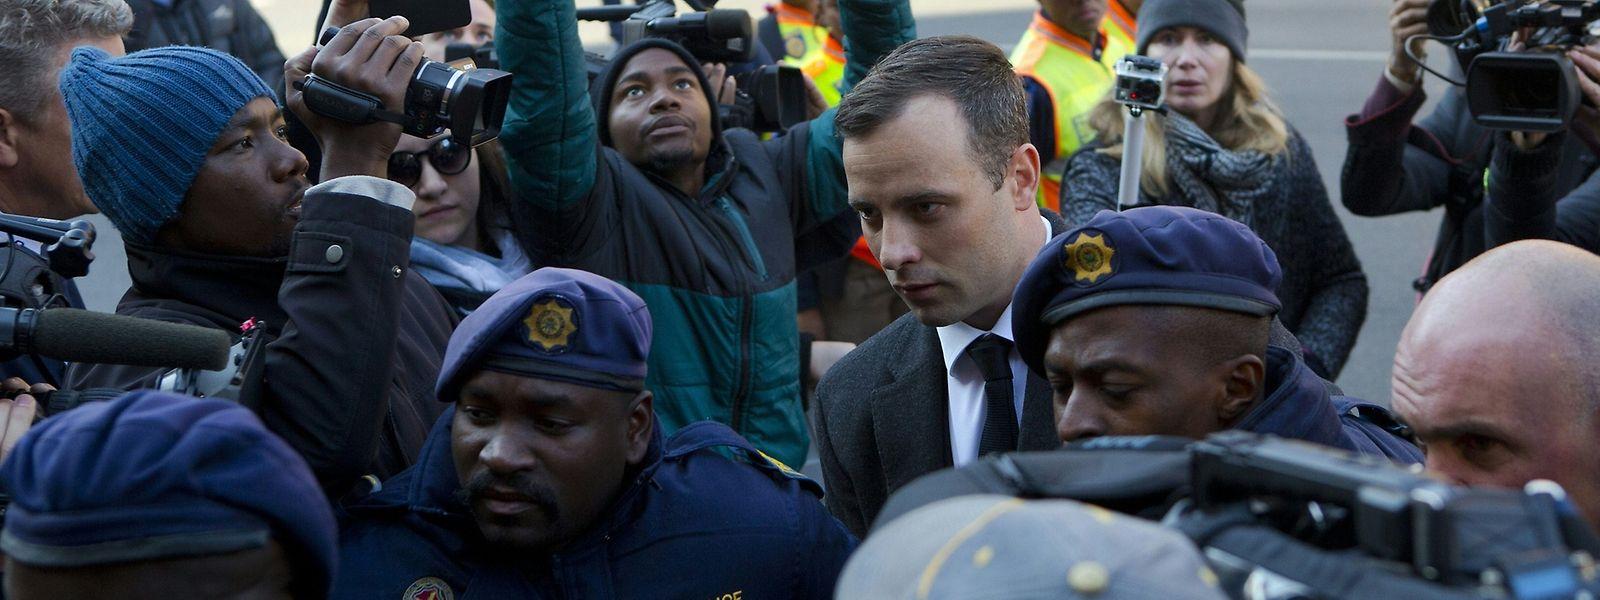 Pistorius war bei seiner Ankunft im Gerichtsgebäude von Polizisten und Medienvertretern umlagert.